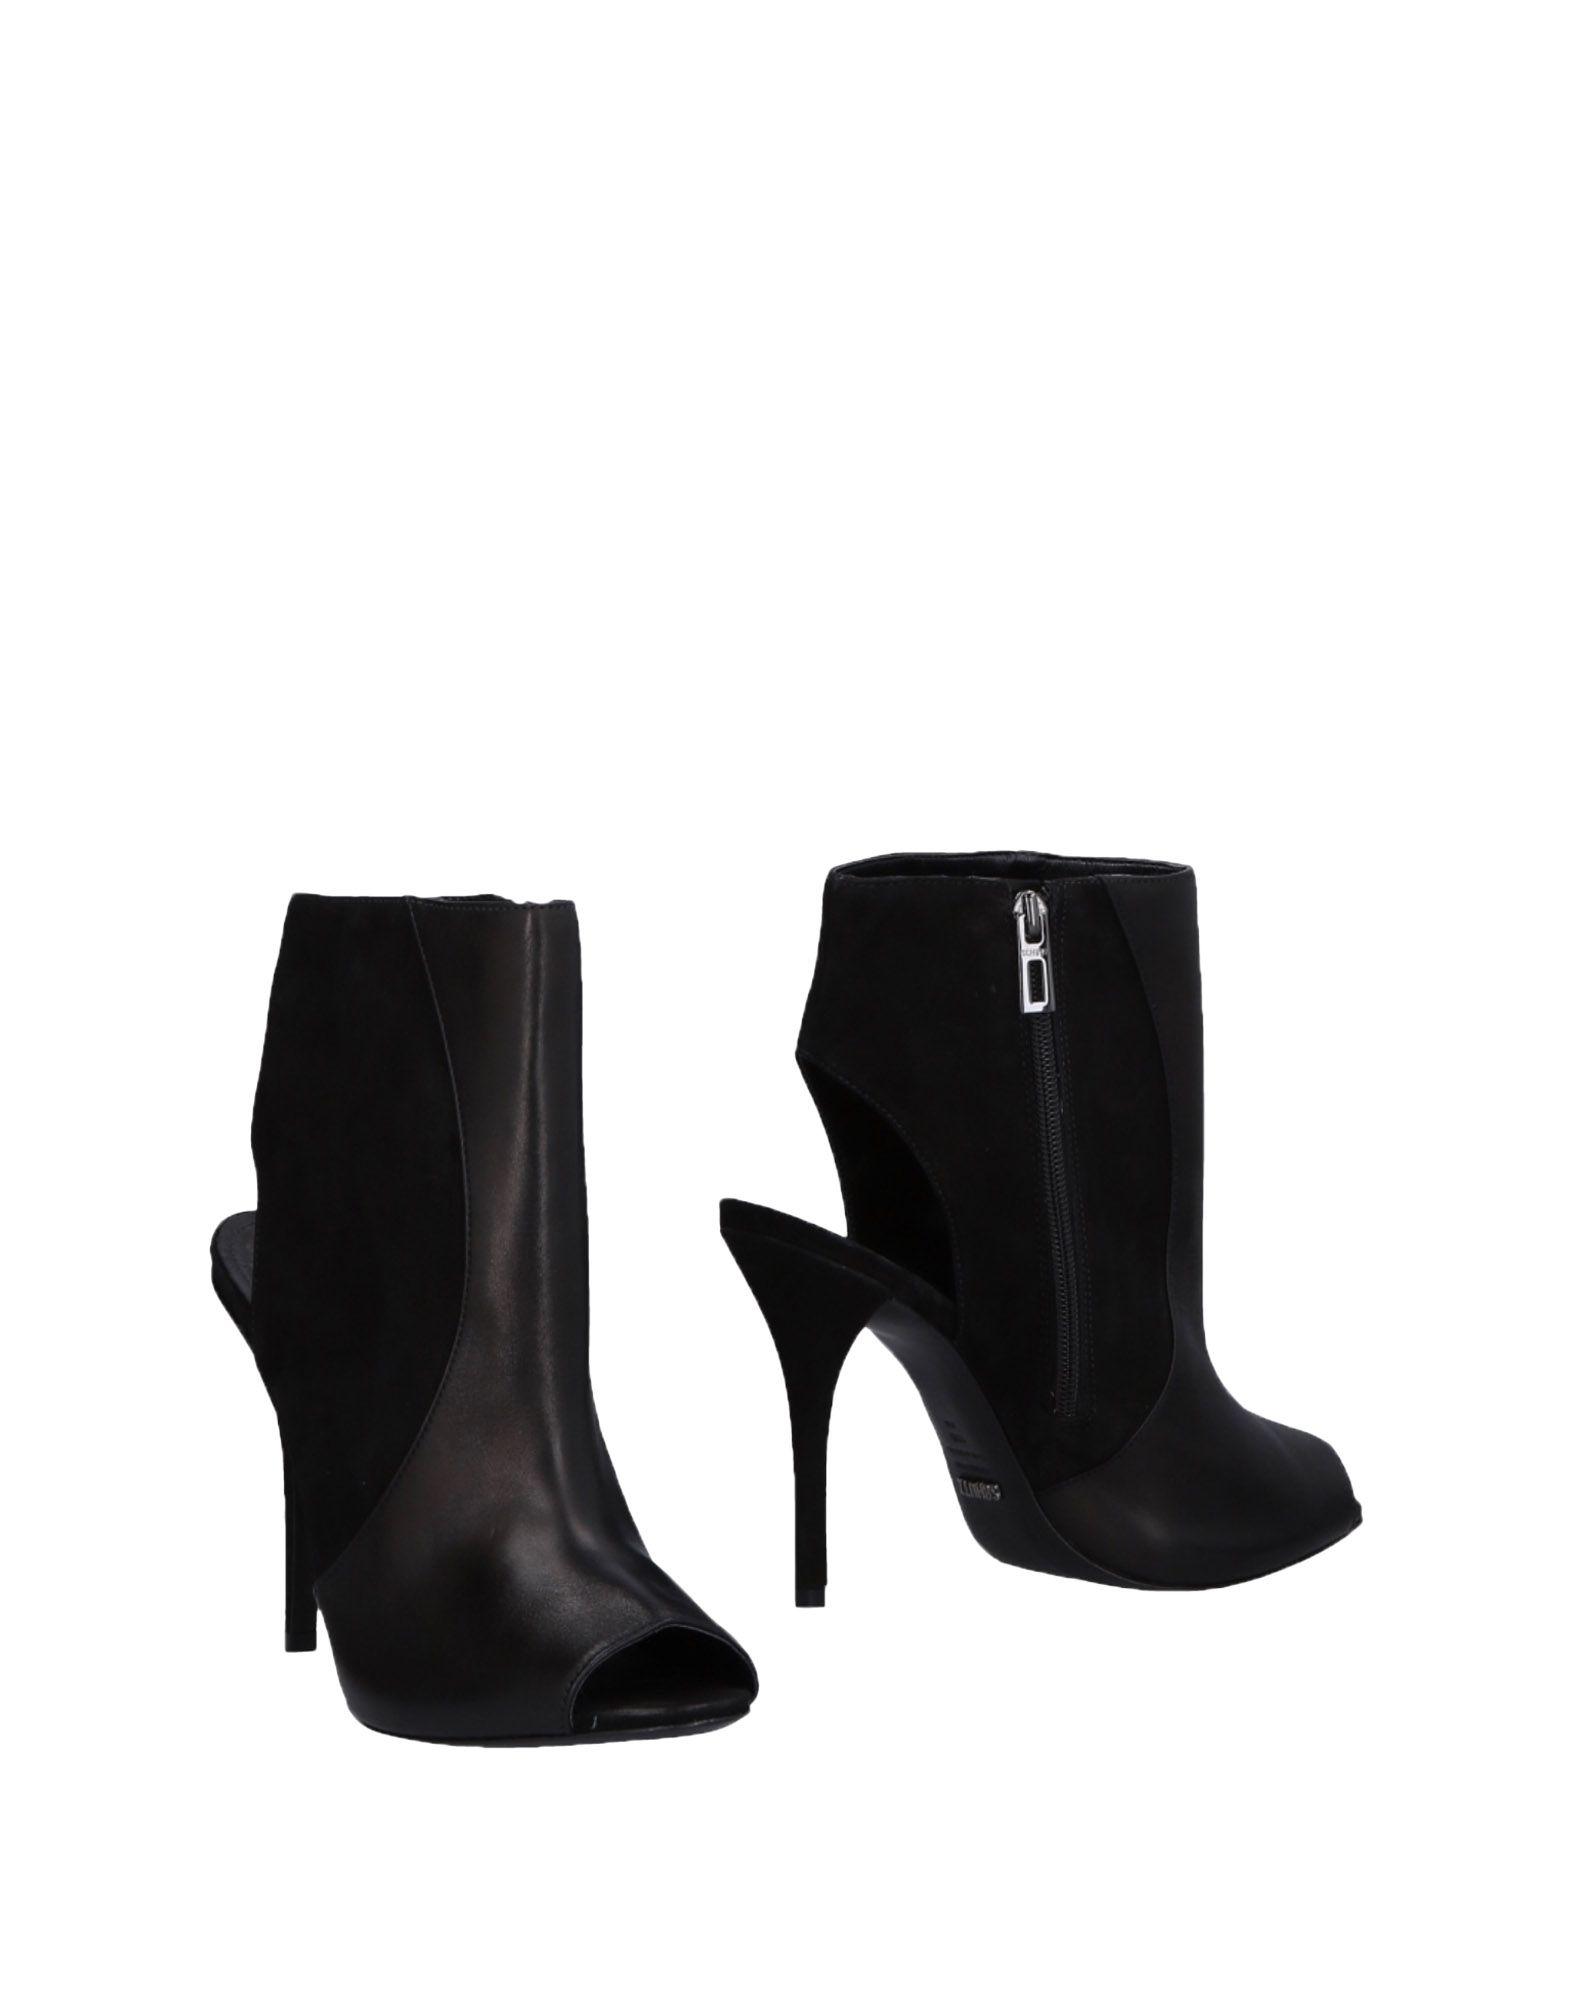 SCHUTZ Полусапоги и высокие ботинки плейбой бренд осенью открытый скалолазания и пешие прогулки досуга для дыхания и водонепроницаемым мужские ботинки